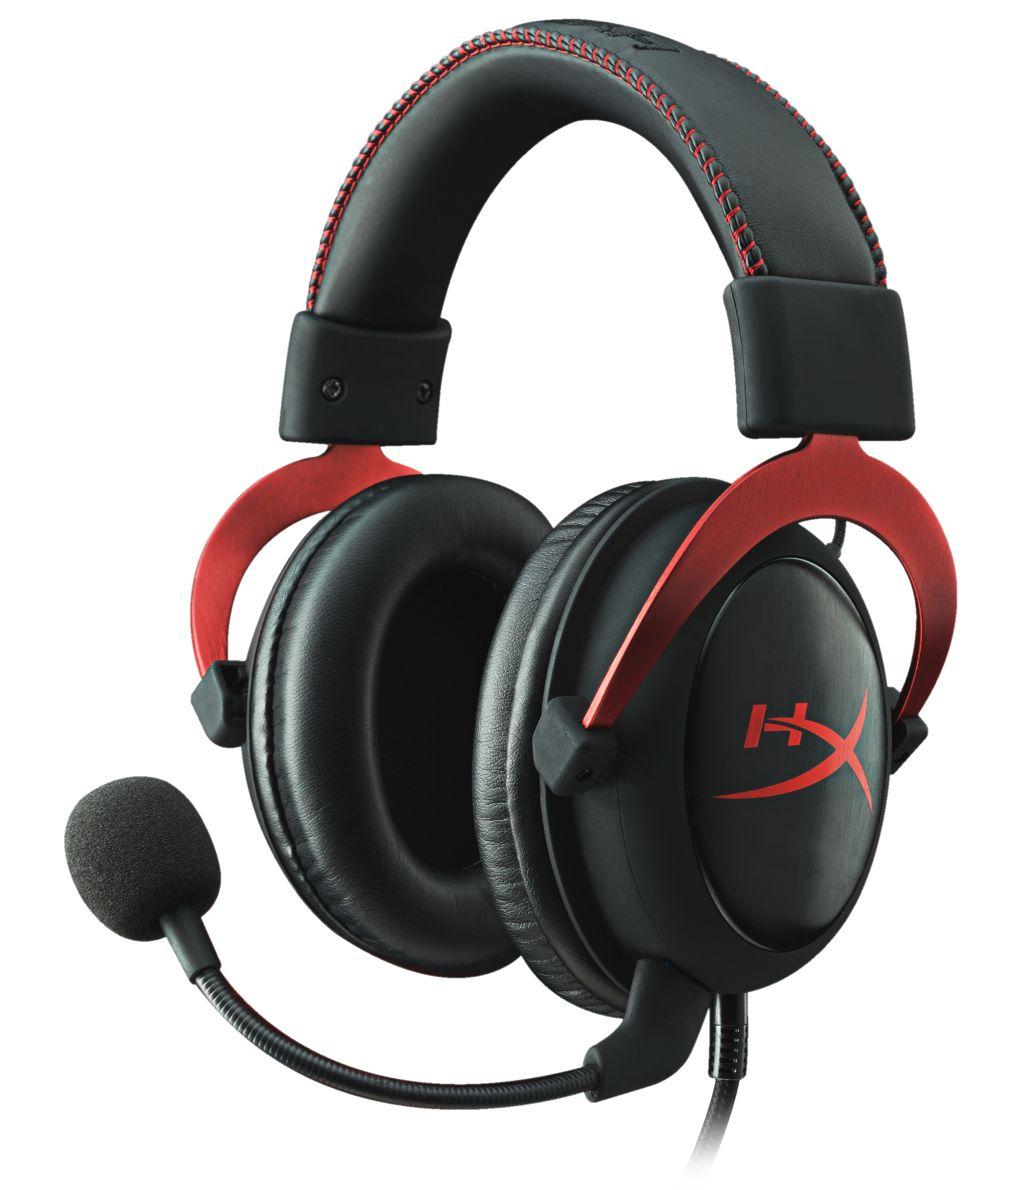 7.1-es térhatású fejhallgató érkezett a HyperX-től  b8219010e6